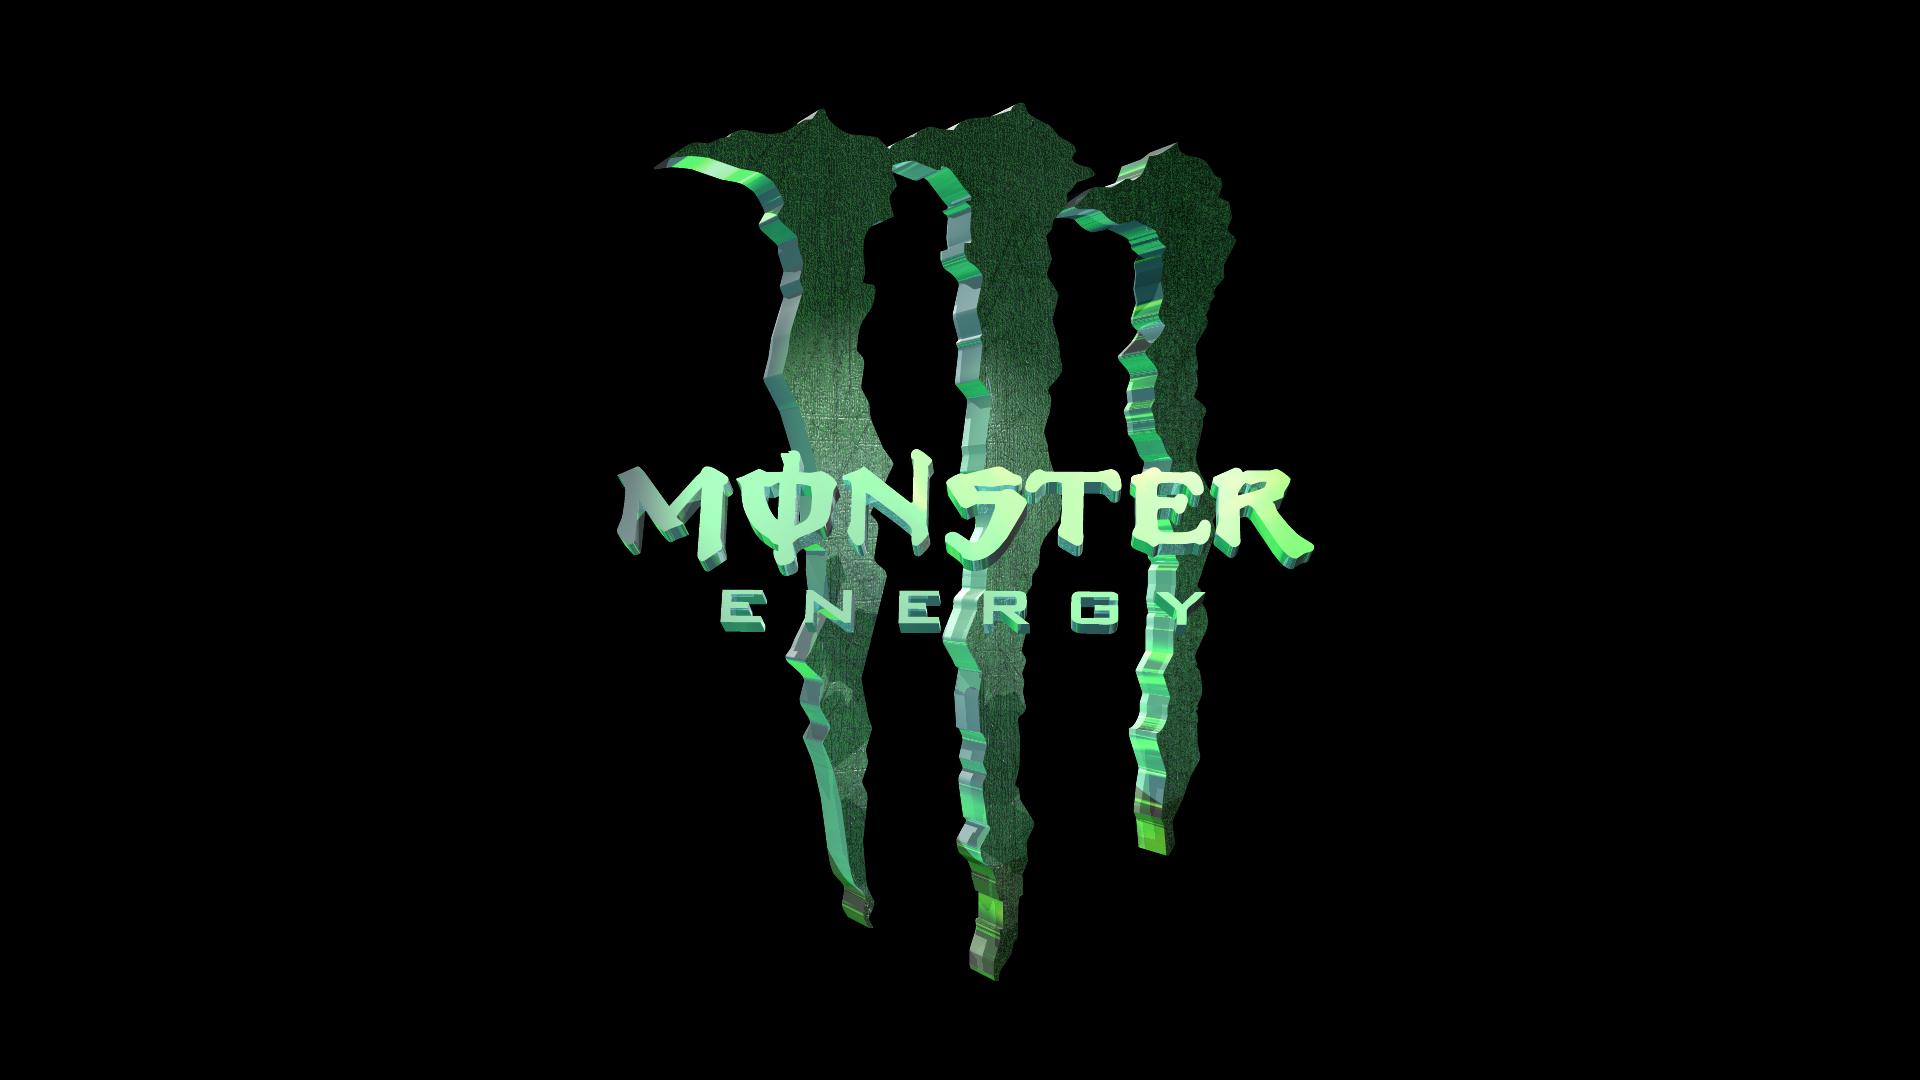 MONSTER ENERGY DRINK 3D Monster Energy 1920x1080